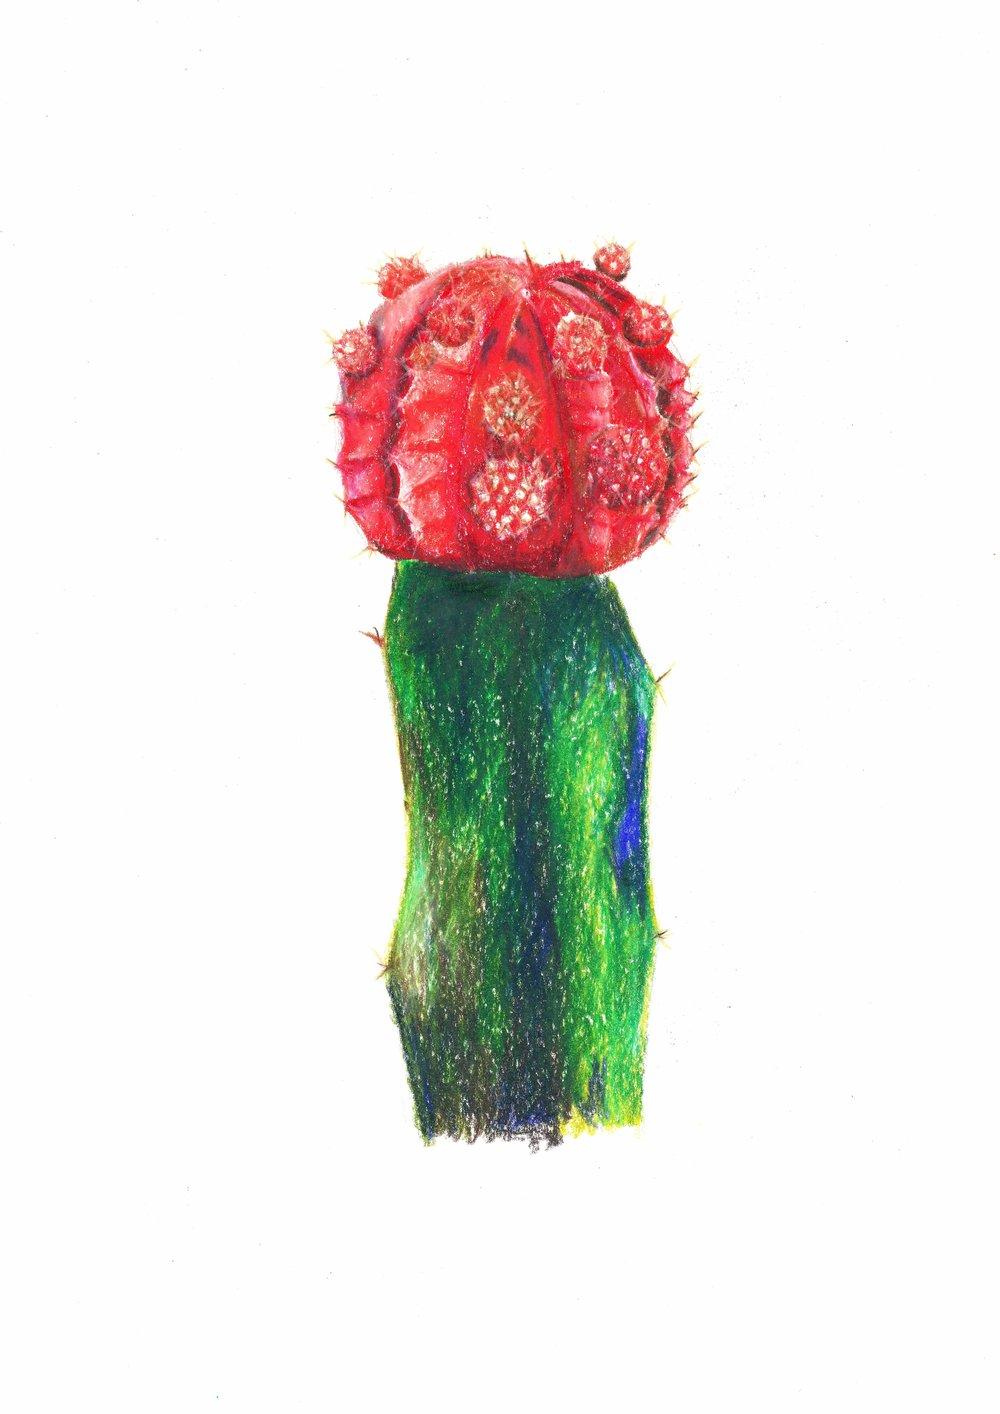 Cactus_smallfile.jpg